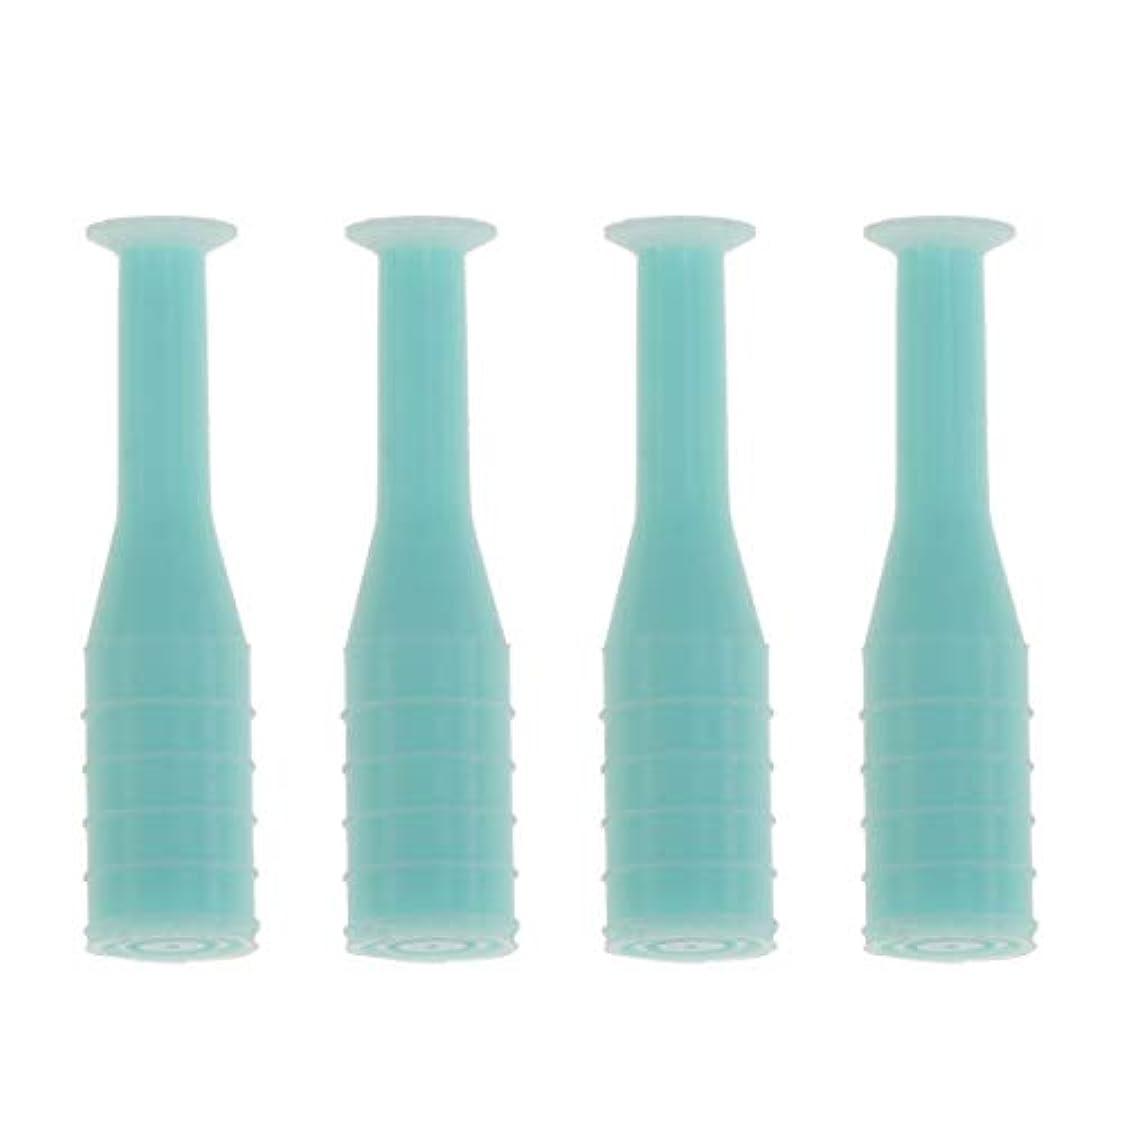 共和党優雅な柔らかいHEALLILY 8本入りソフト/ハードコンタクトレンズインサーターリムーバブルコンタクトレンズサクションカップスティック工具用ボトル旅行用(緑)